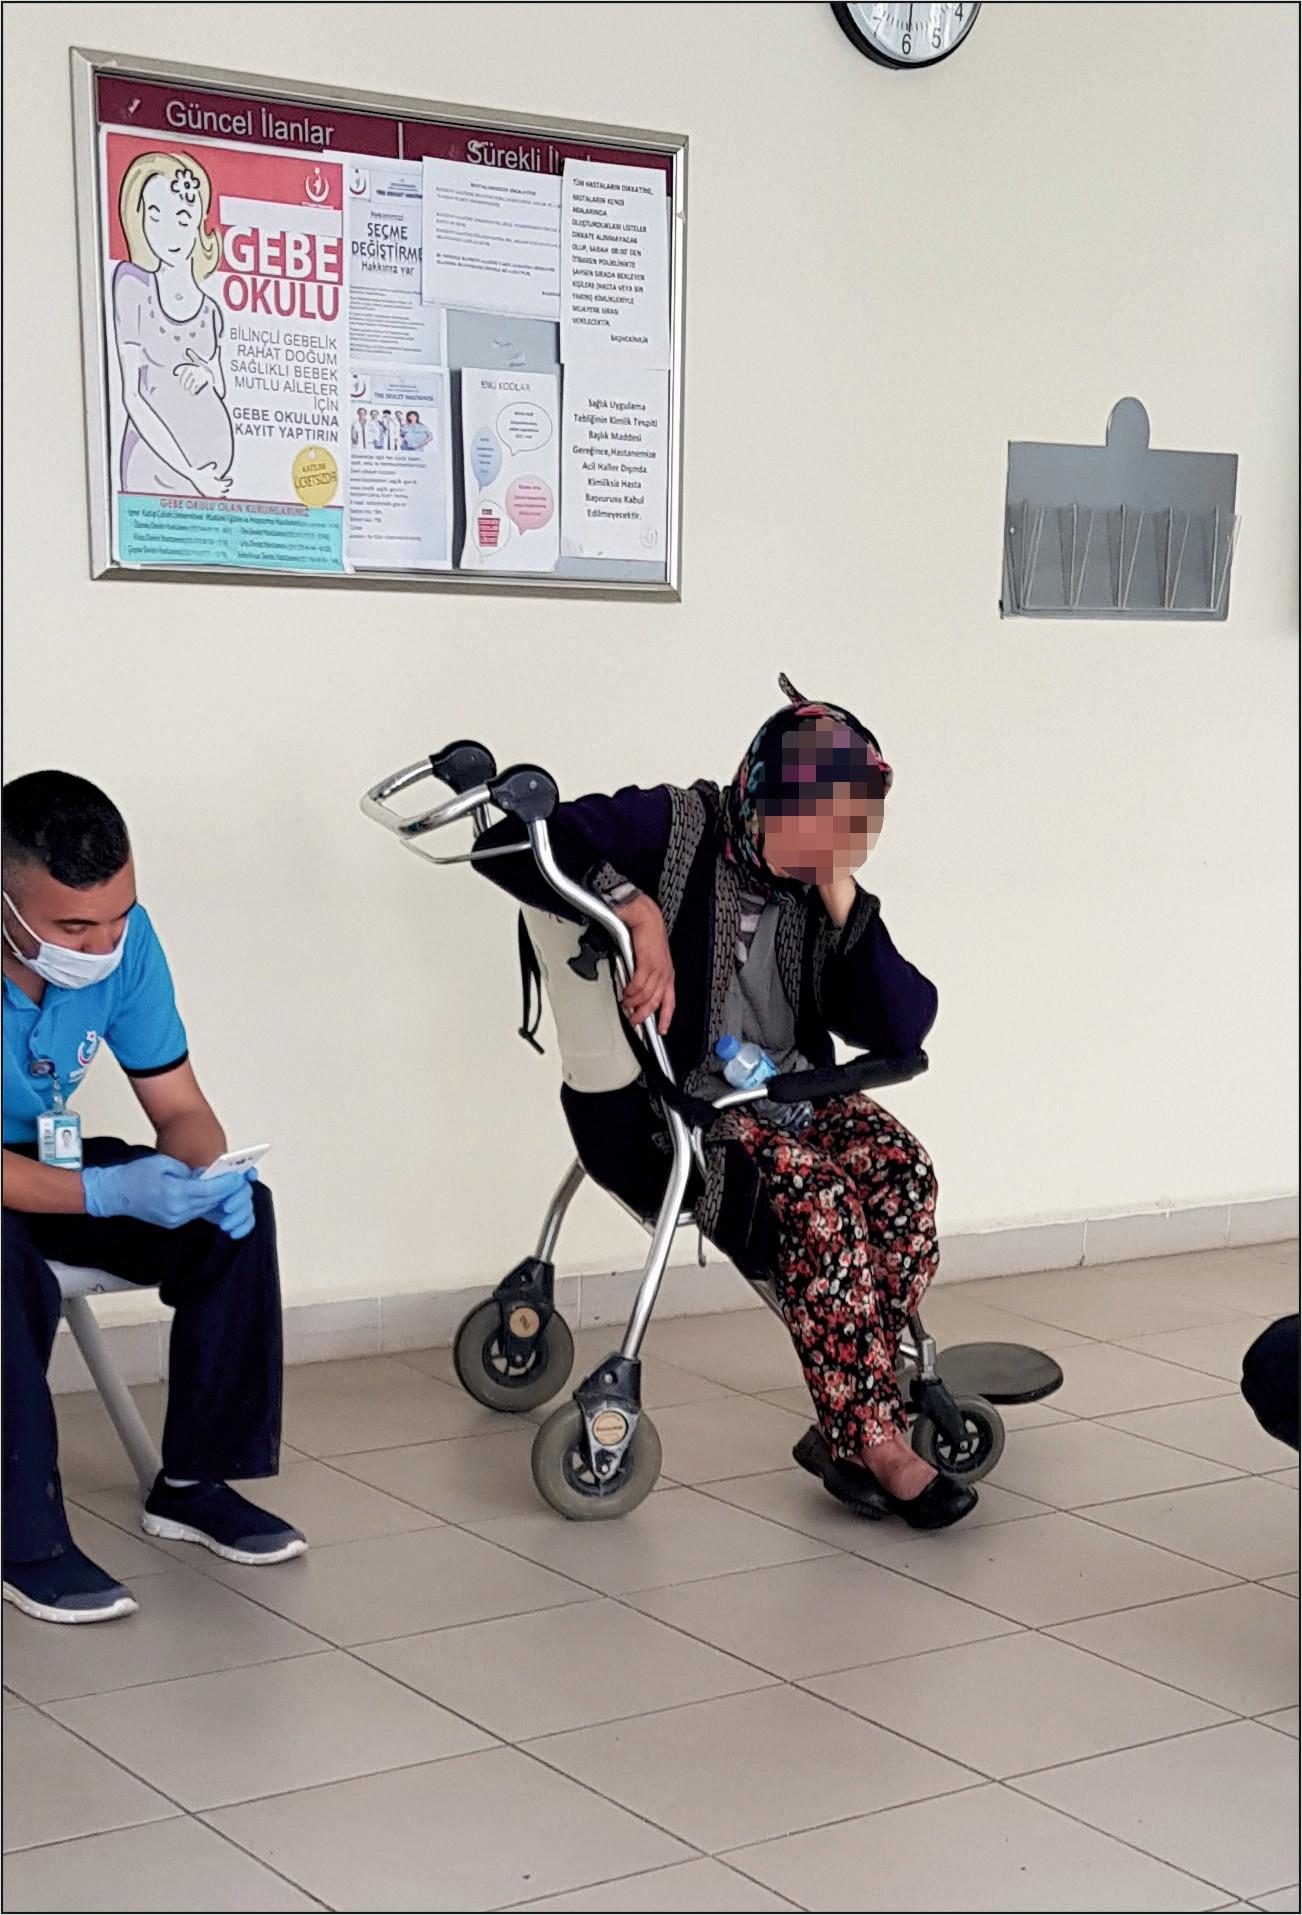 İzmir'de şoke eden olay! Şalvarda doğurduğu bebeği tezgahında altına bırakıp gitti